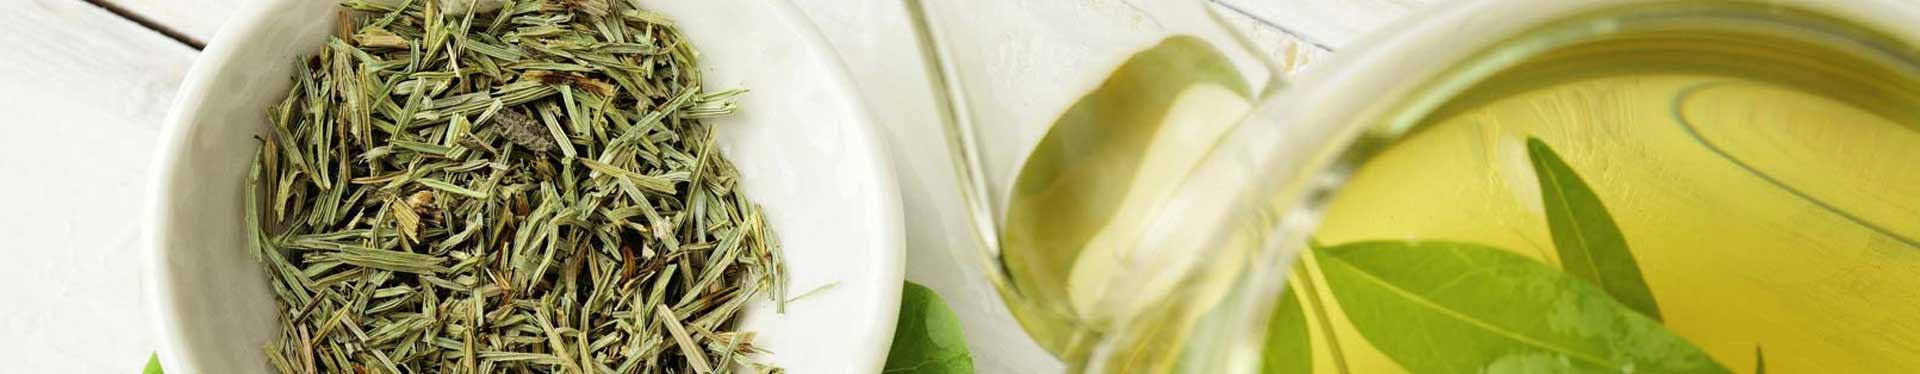 Grüner Tee ♥ Grüntee